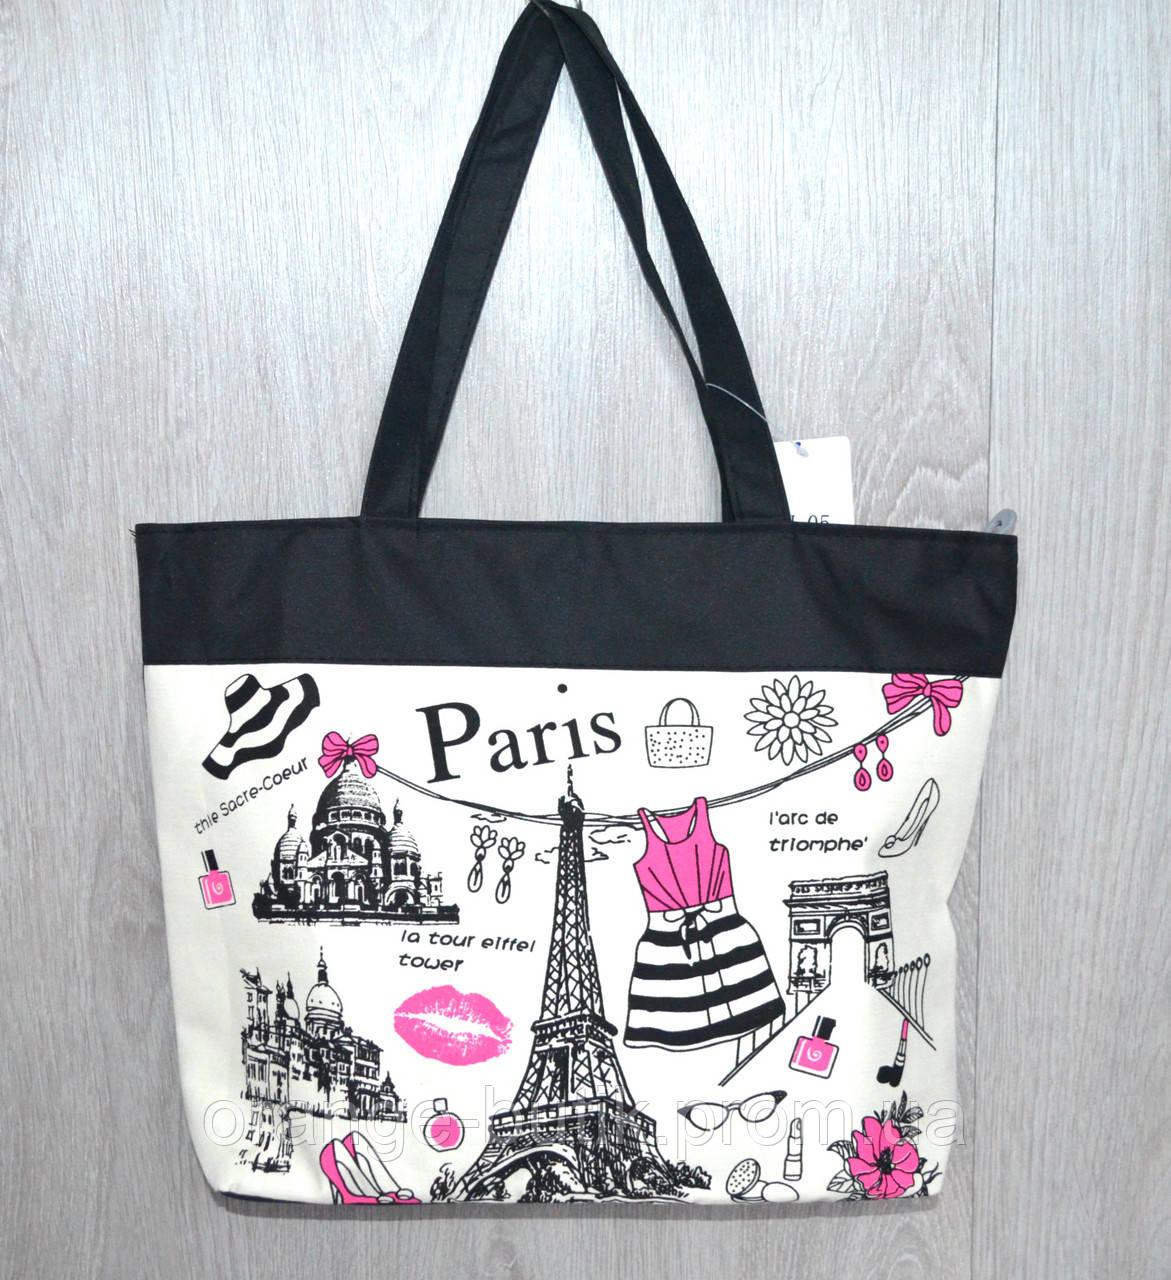 0f09ca8a68a4 Пляжная, городская сумка с милым принтом Парижа - Интернет-магазин